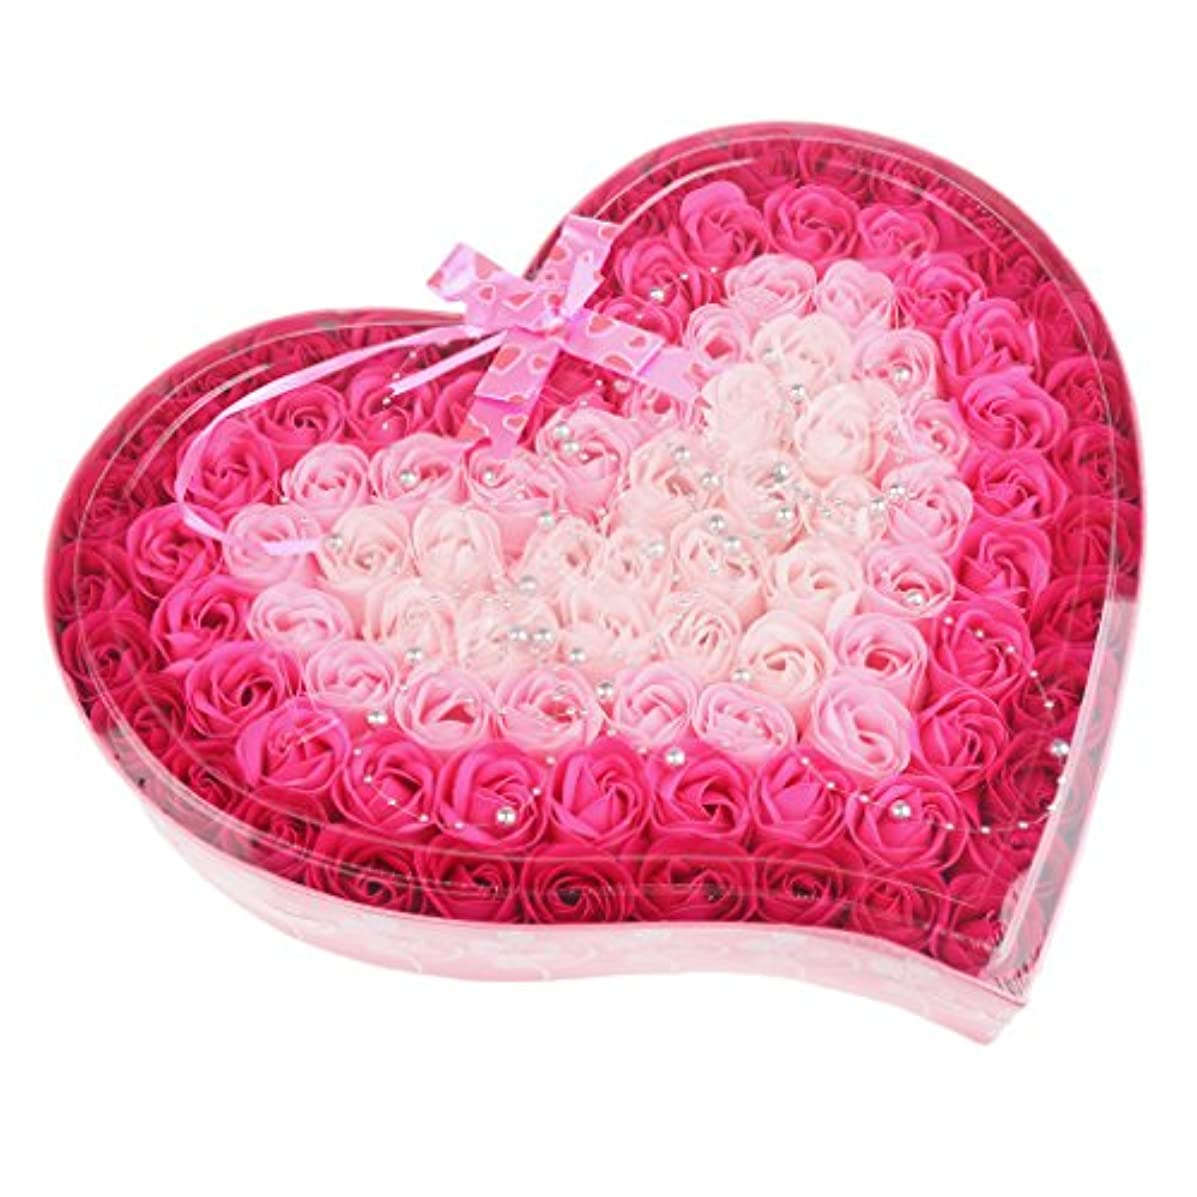 どう?裂け目印象ソープフラワー 石鹸花 造花 フラワー ギフトボックス 誕生日 母の日 記念日 先生の日 バレンタインデー プレゼント 全4色選べる - ピンク